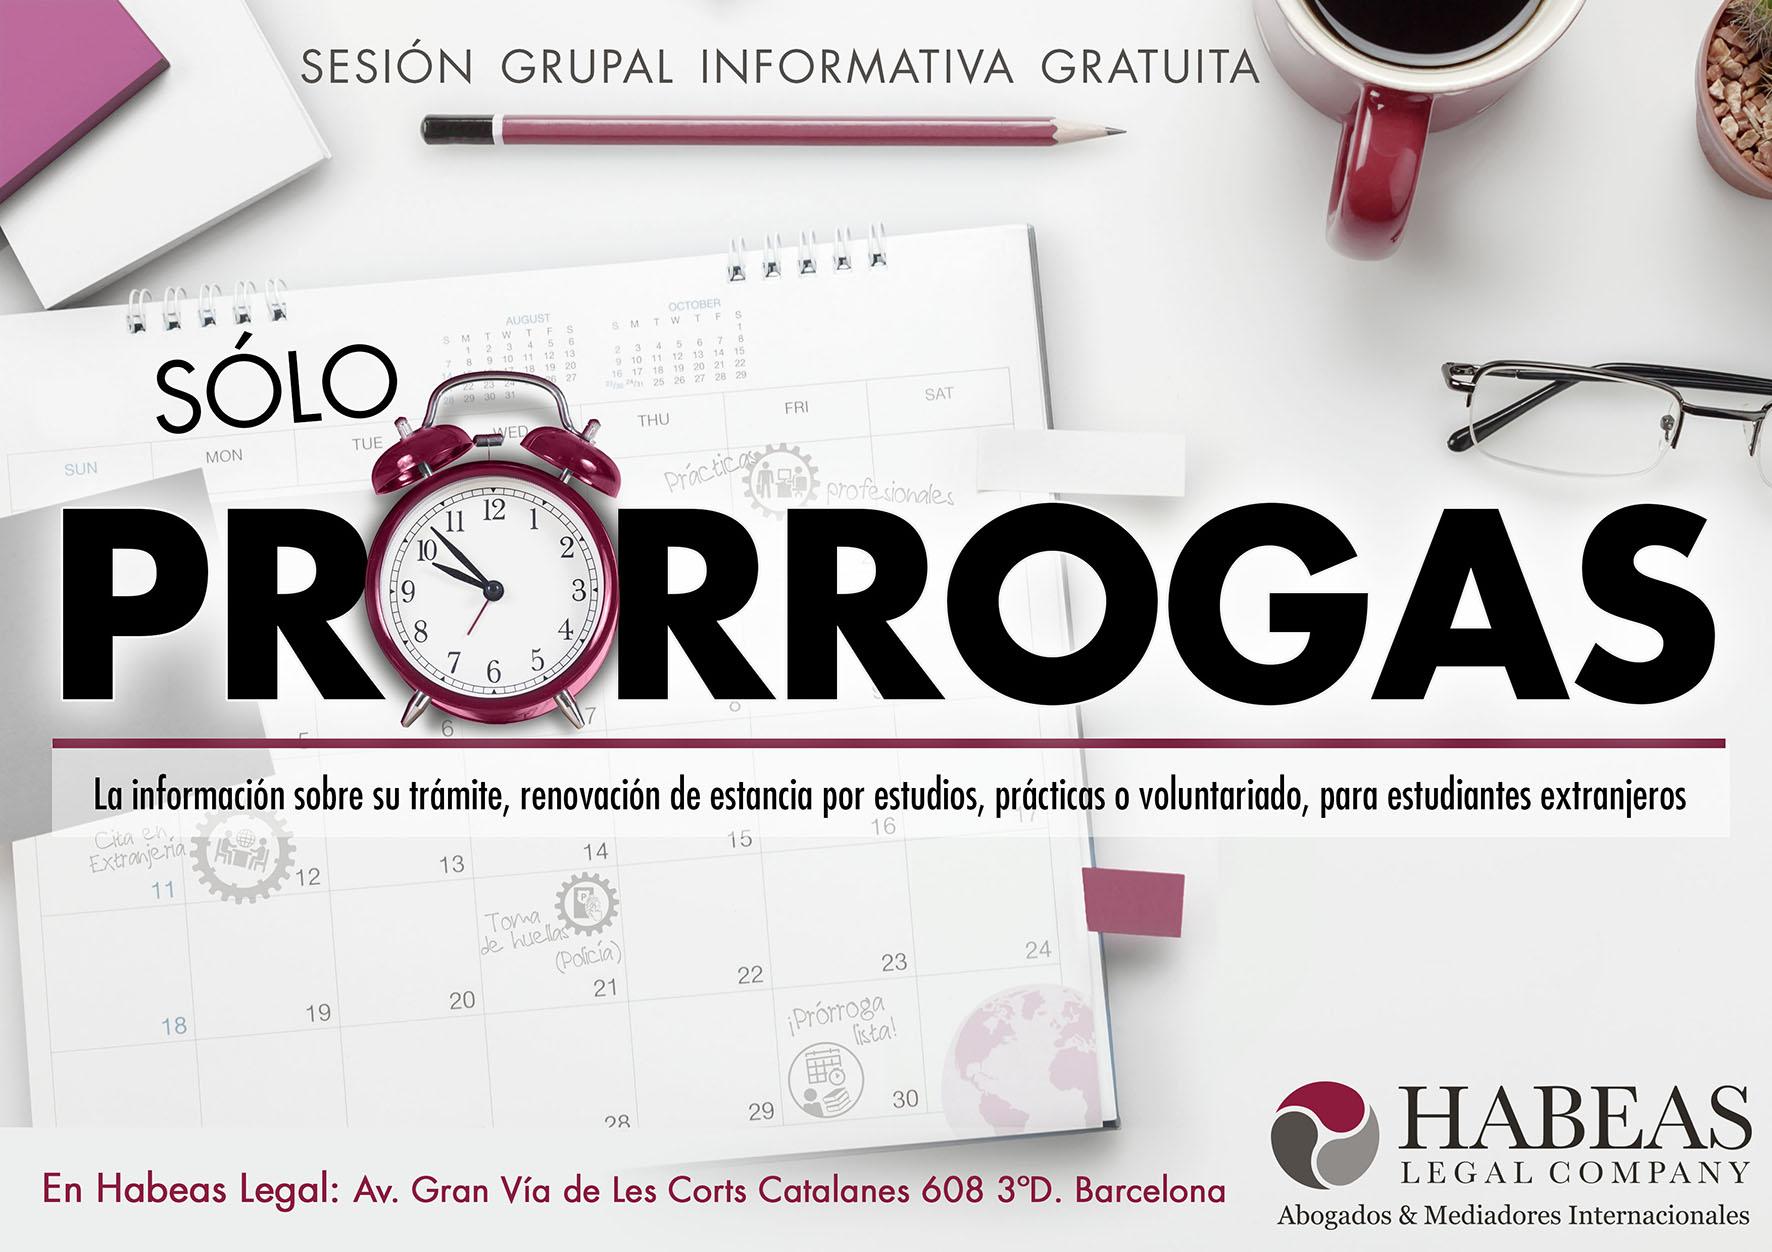 """Prorrogas poster A4 2 - """"Sólo Prórrogas"""" - sesión informativa grupal gratuita - Mayo"""